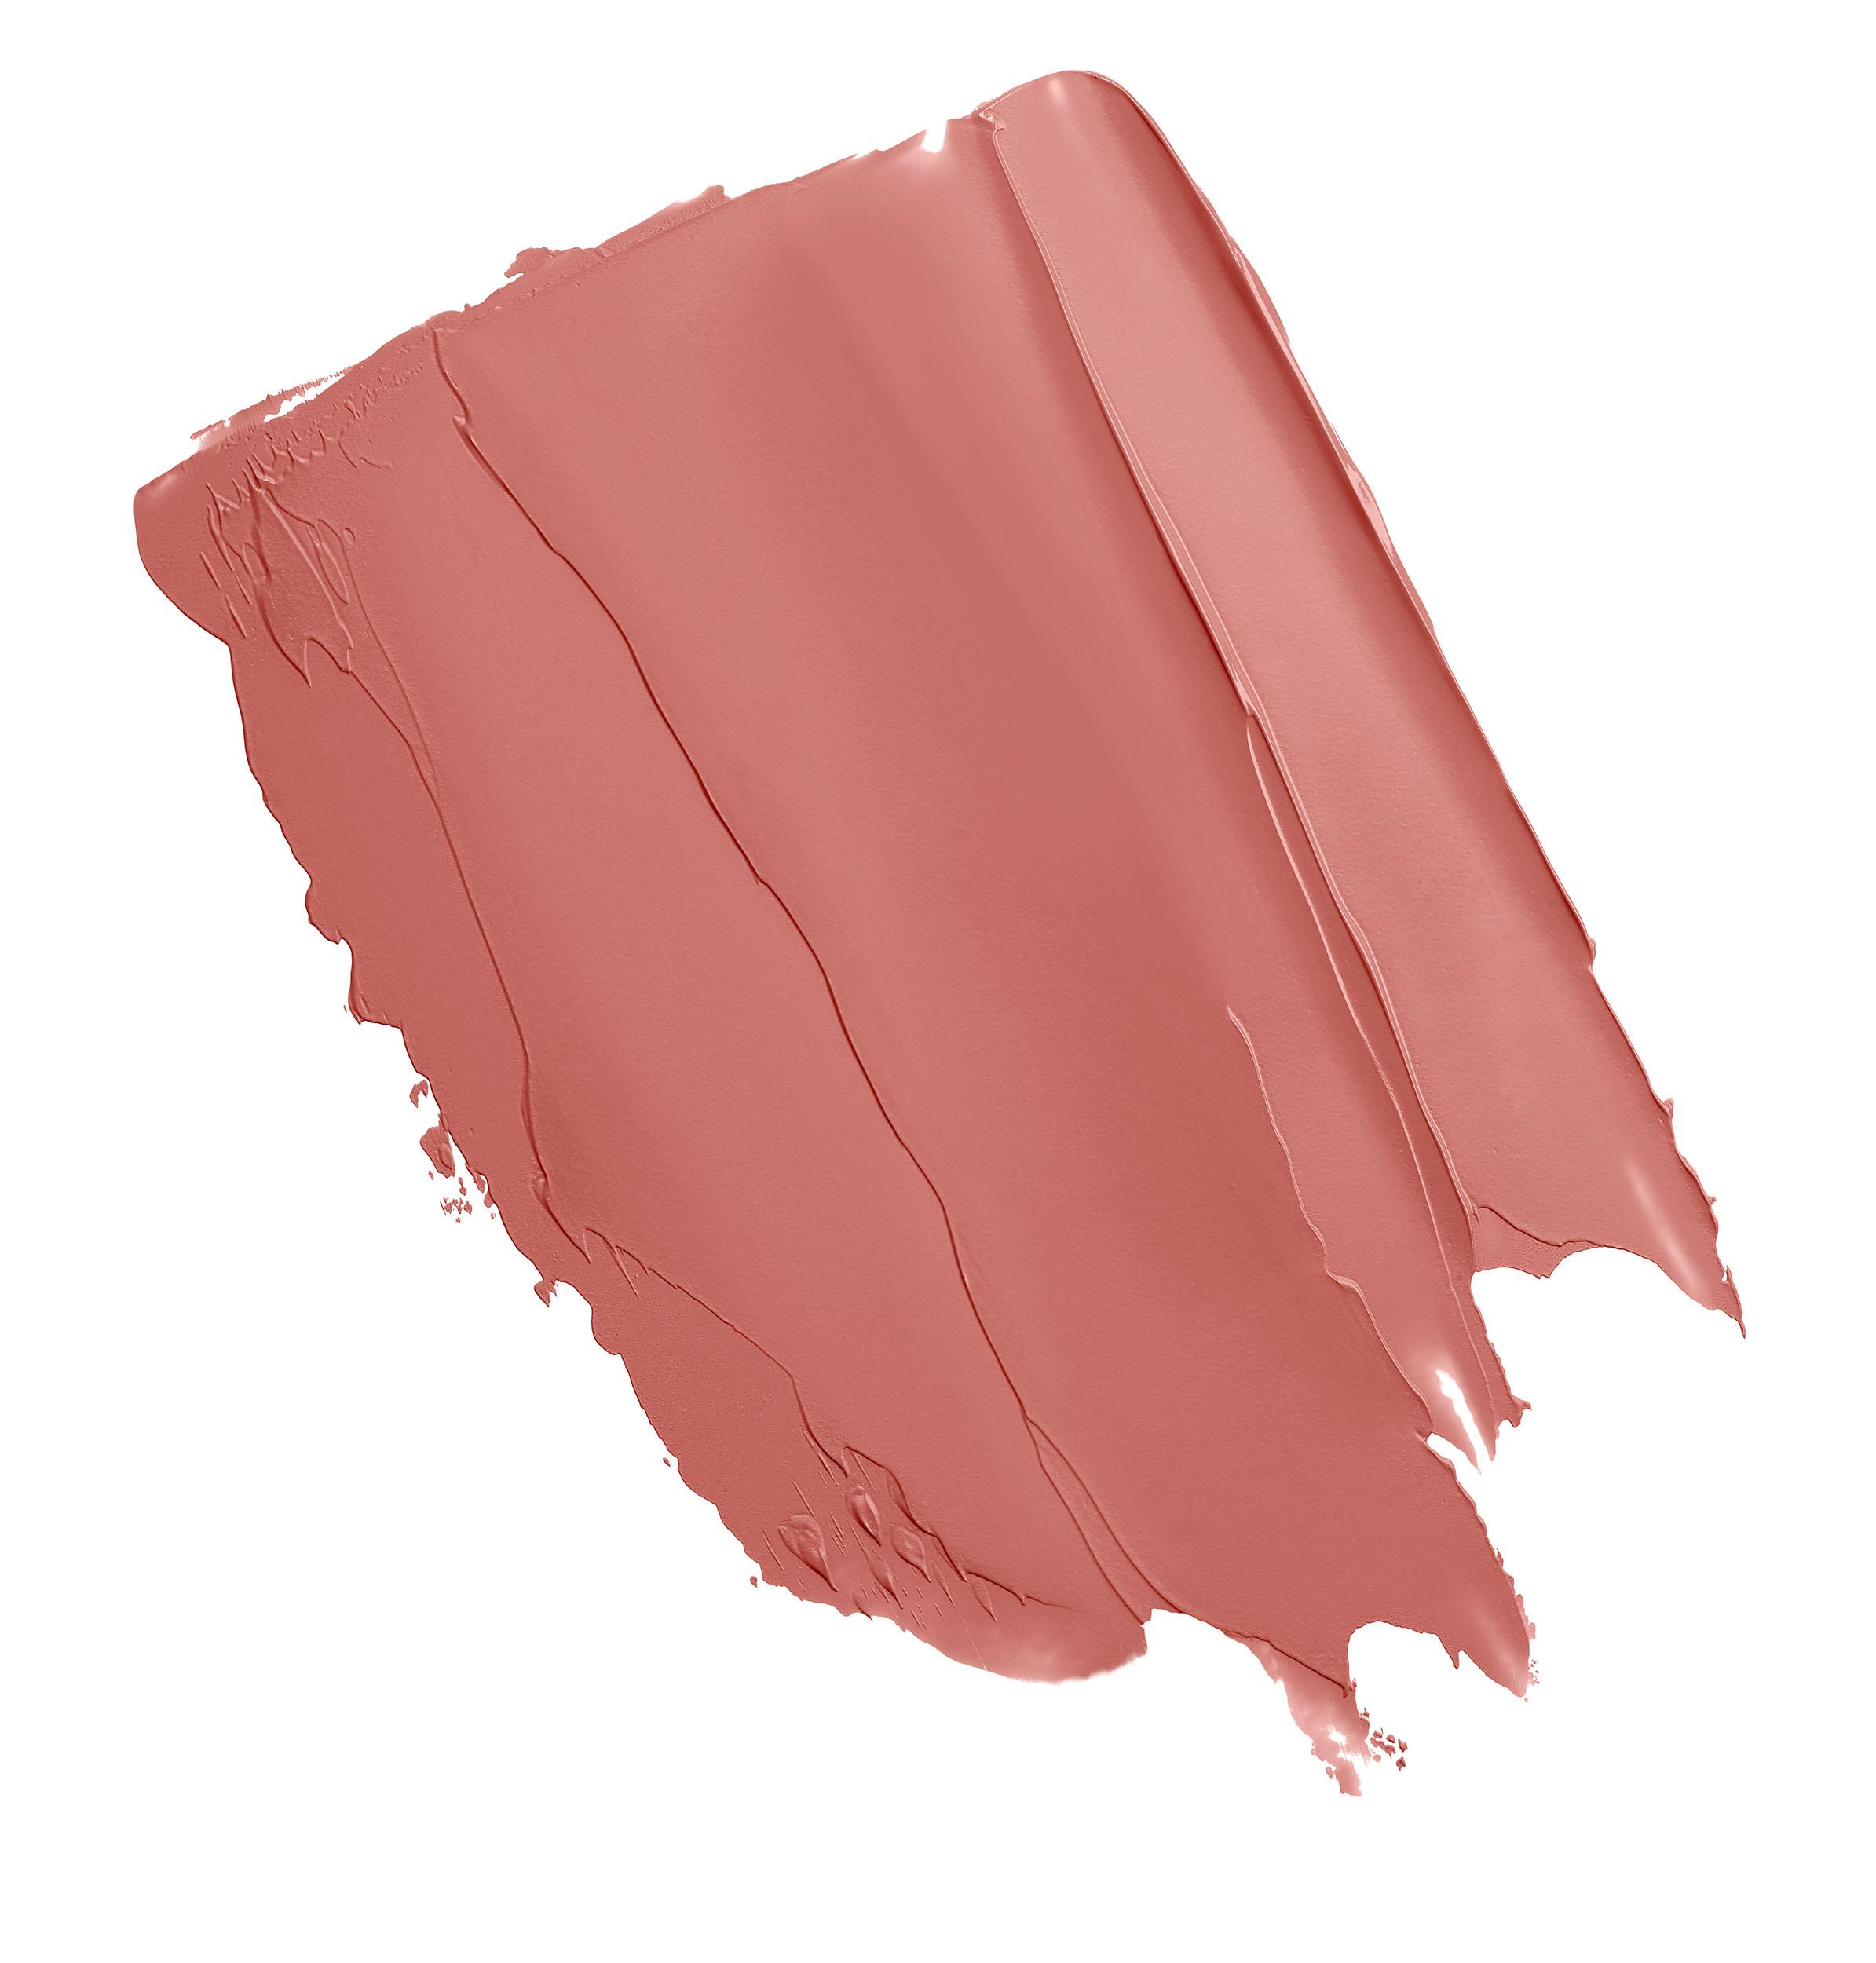 DIOR Rouge Dior Refillable Matte Lipstick, 505 sensual